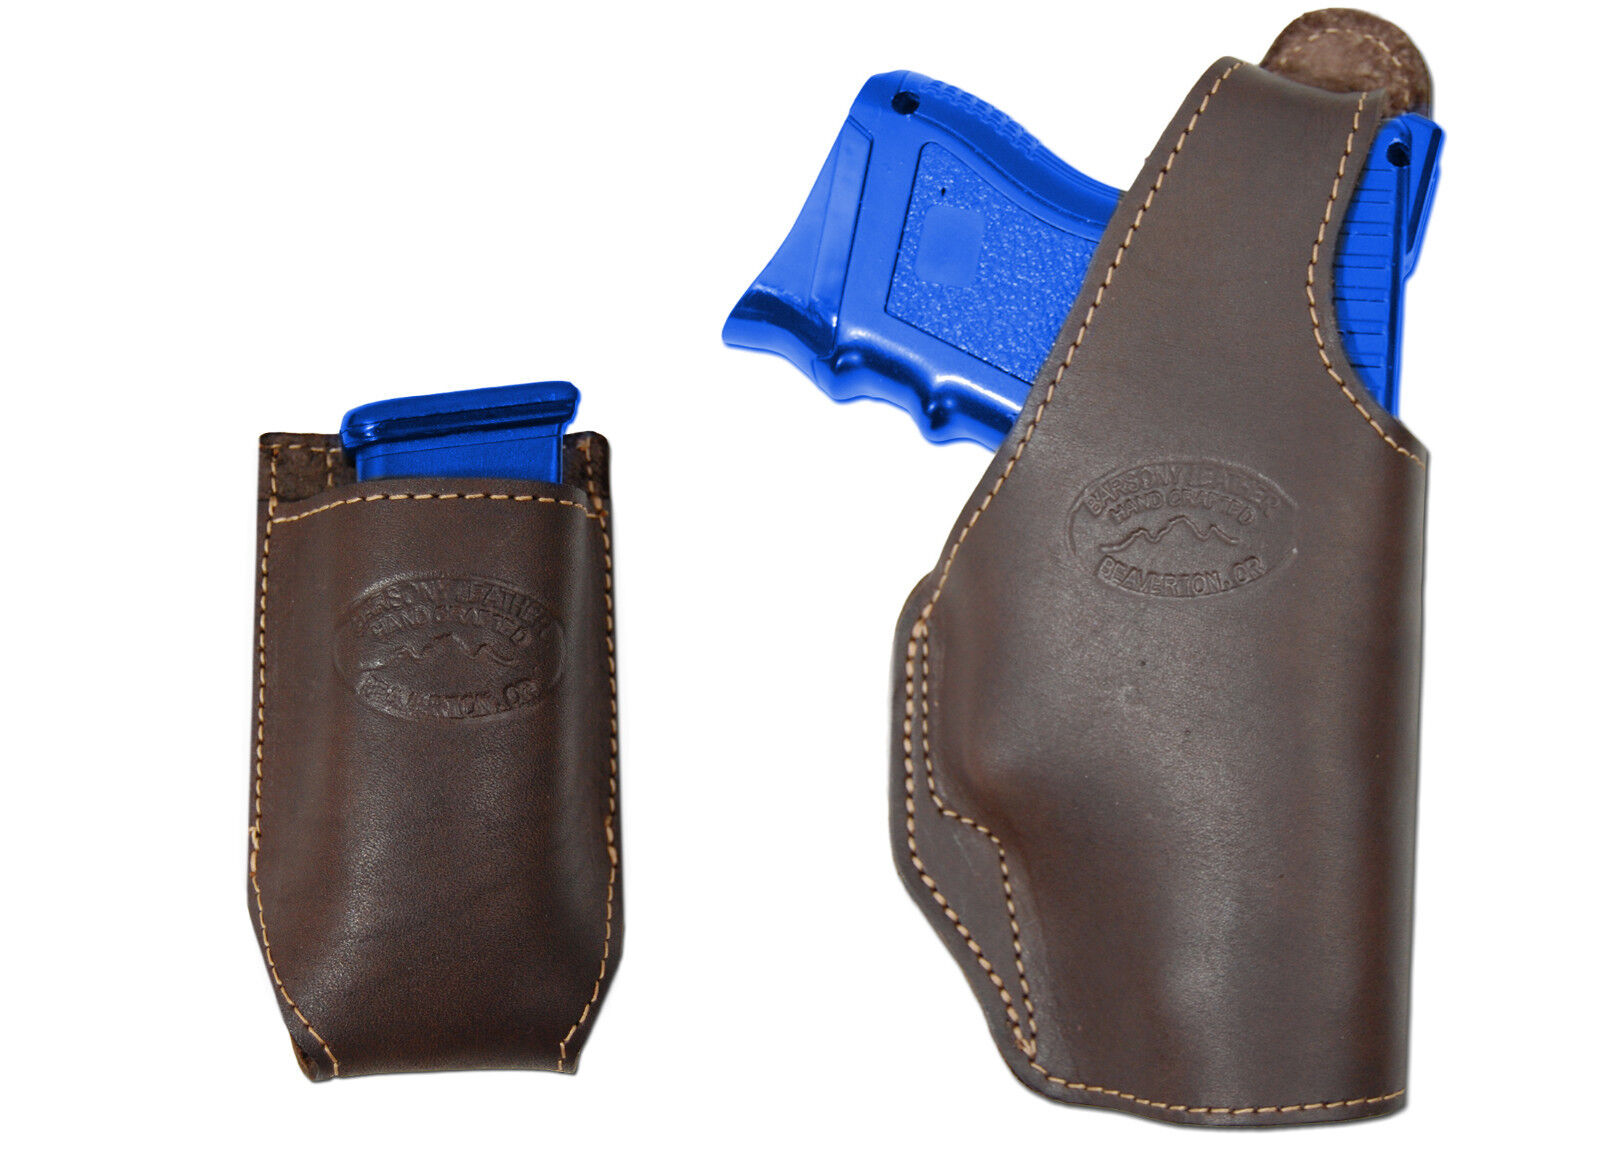 Nuevo barsony Cuero Marrón Owb Cartuchera + bolsa del Mag Colt, Kimber Compacto 9mm 40 45